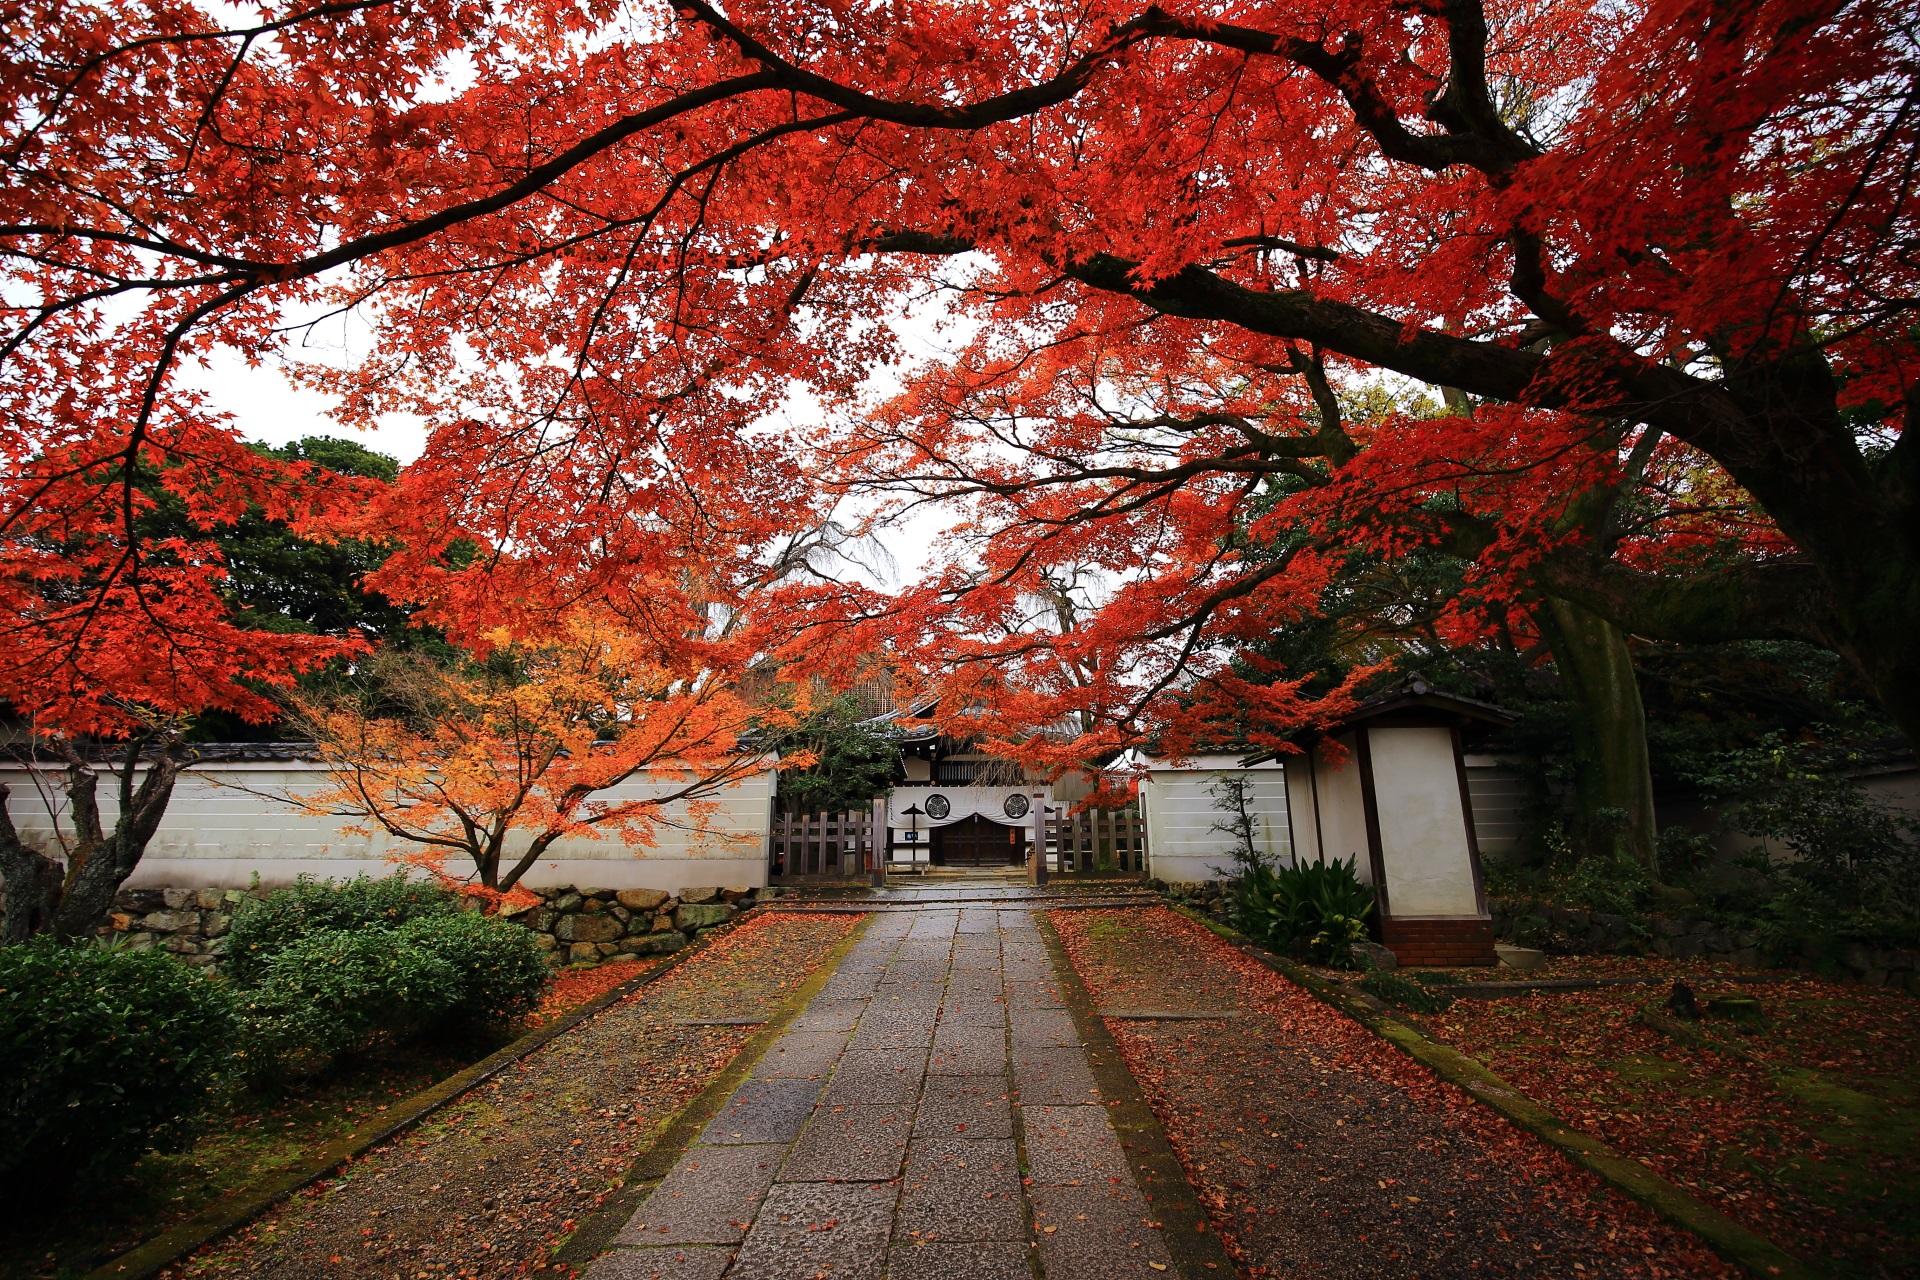 玄関前の絵になる秋の風景